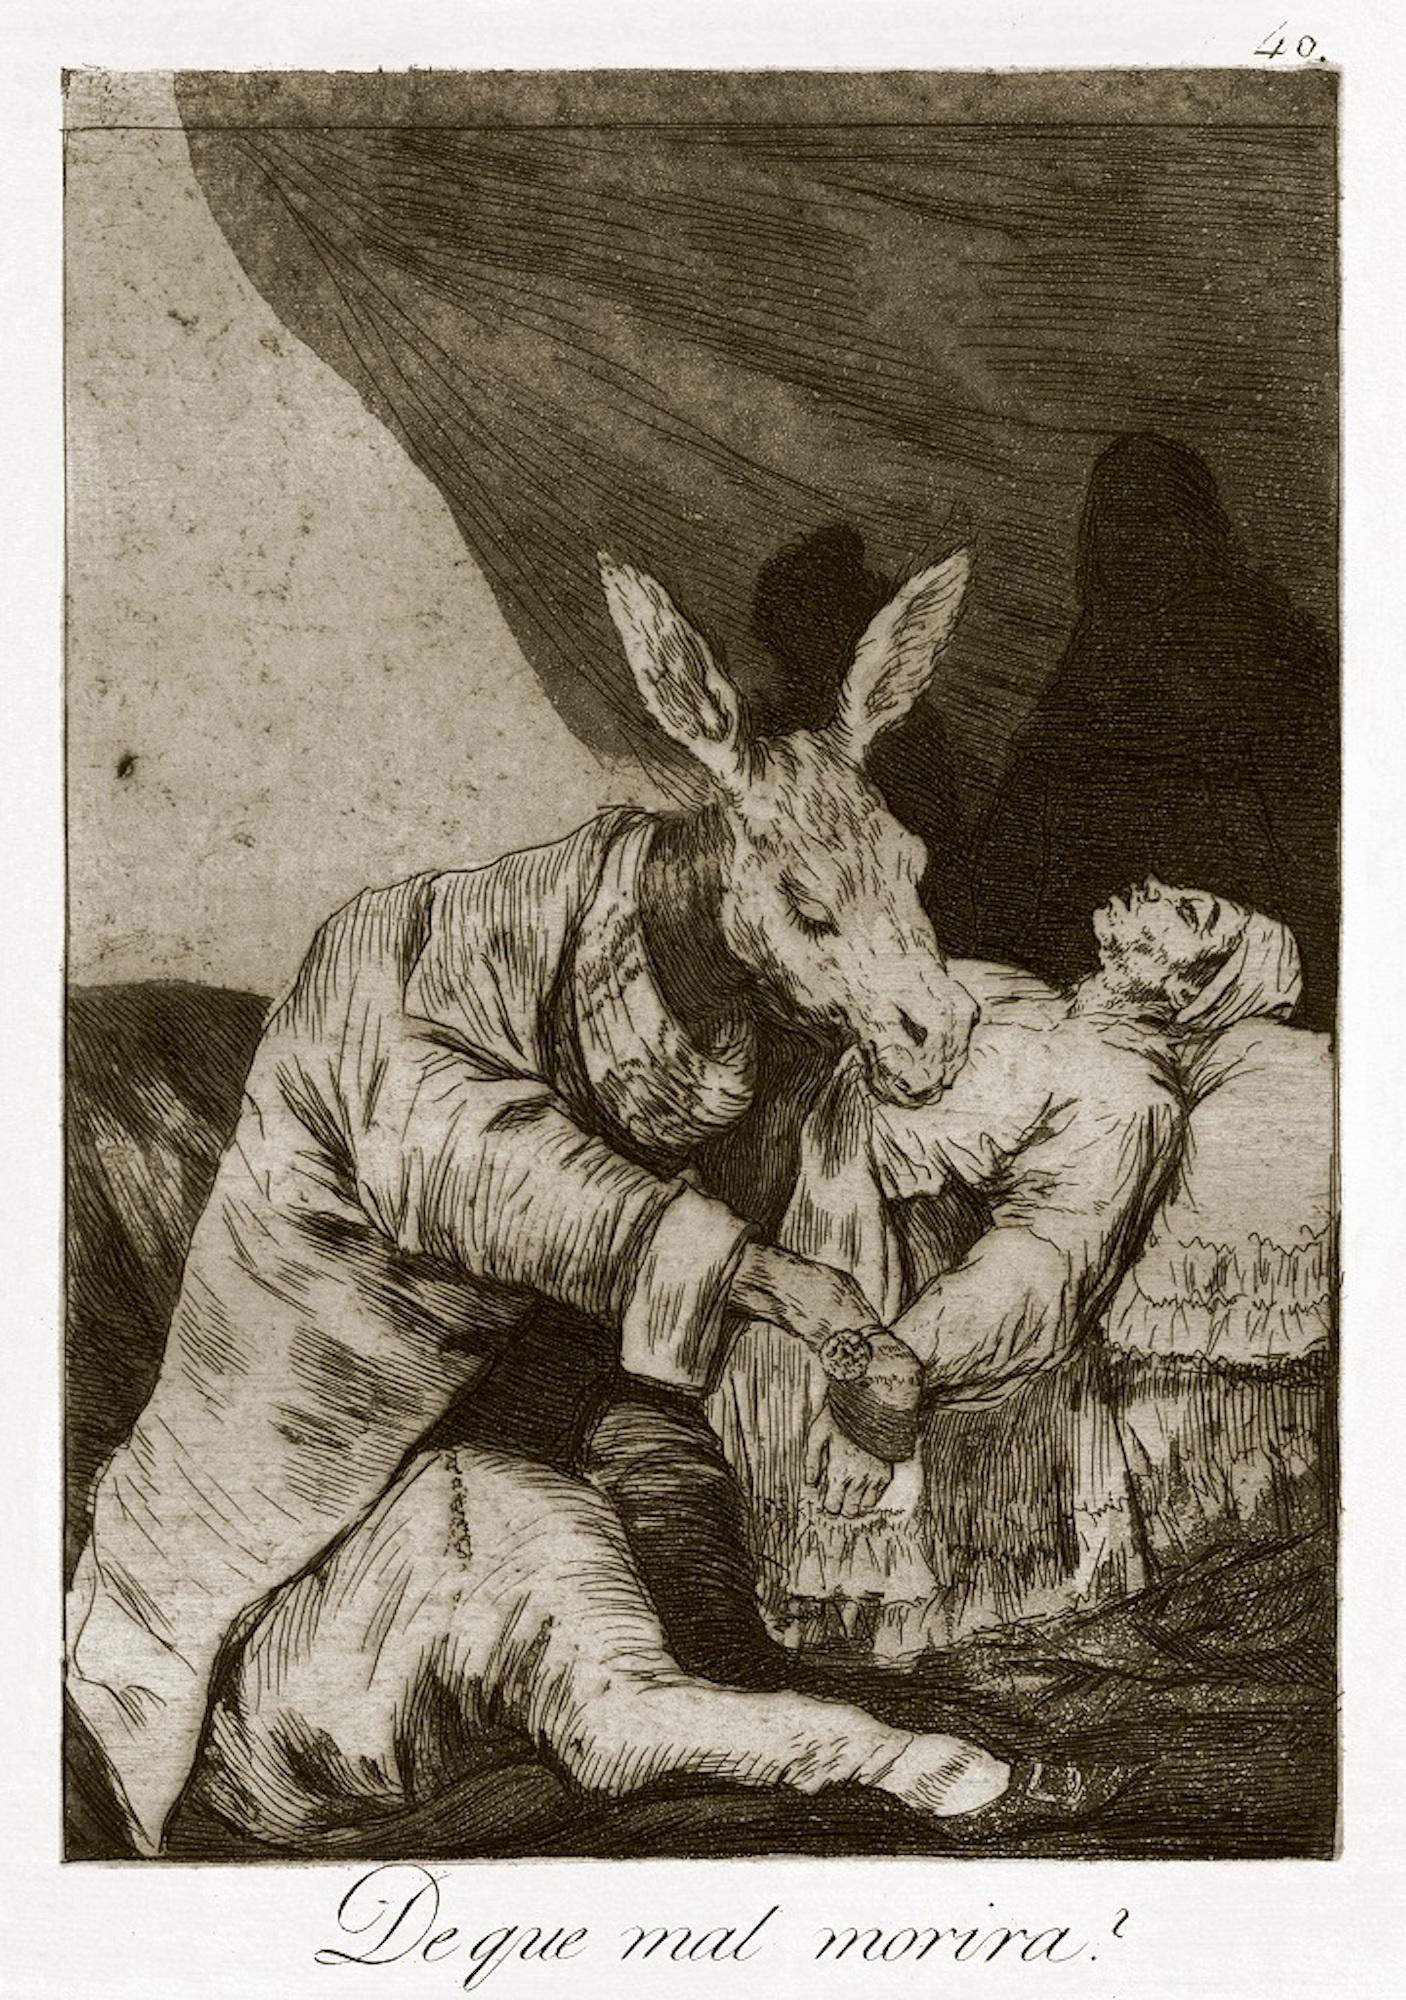 ¿De qué mal morirá?   - Origina Etching and Aquatint by Francisco Goya - 1868